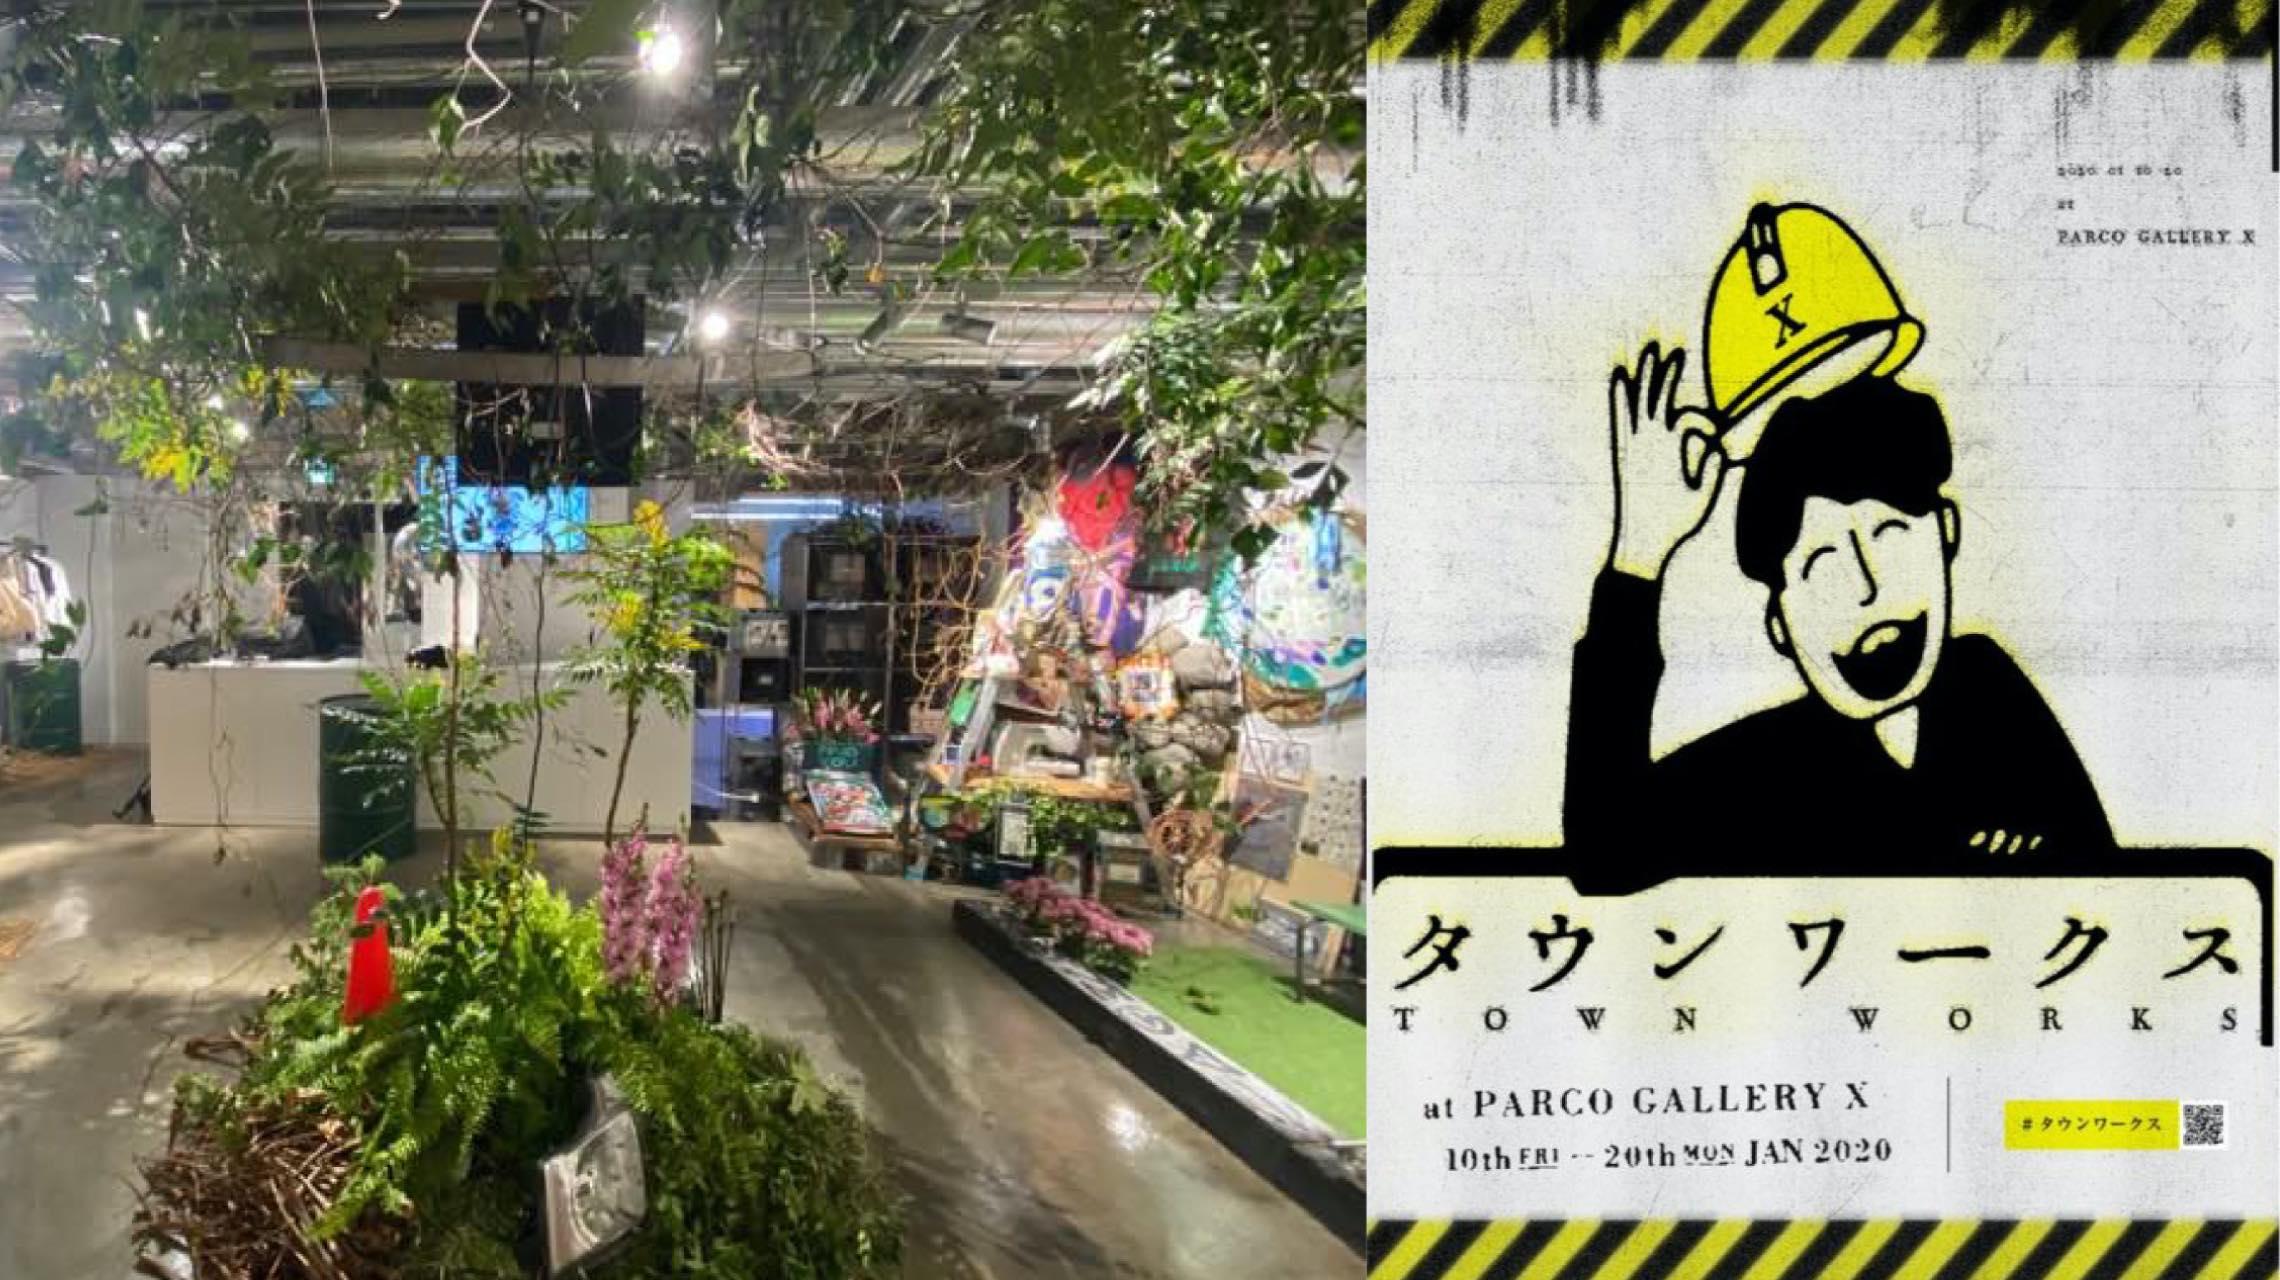 展示するのは「変化」。渋谷PARCOで一風変わった展覧会が開催